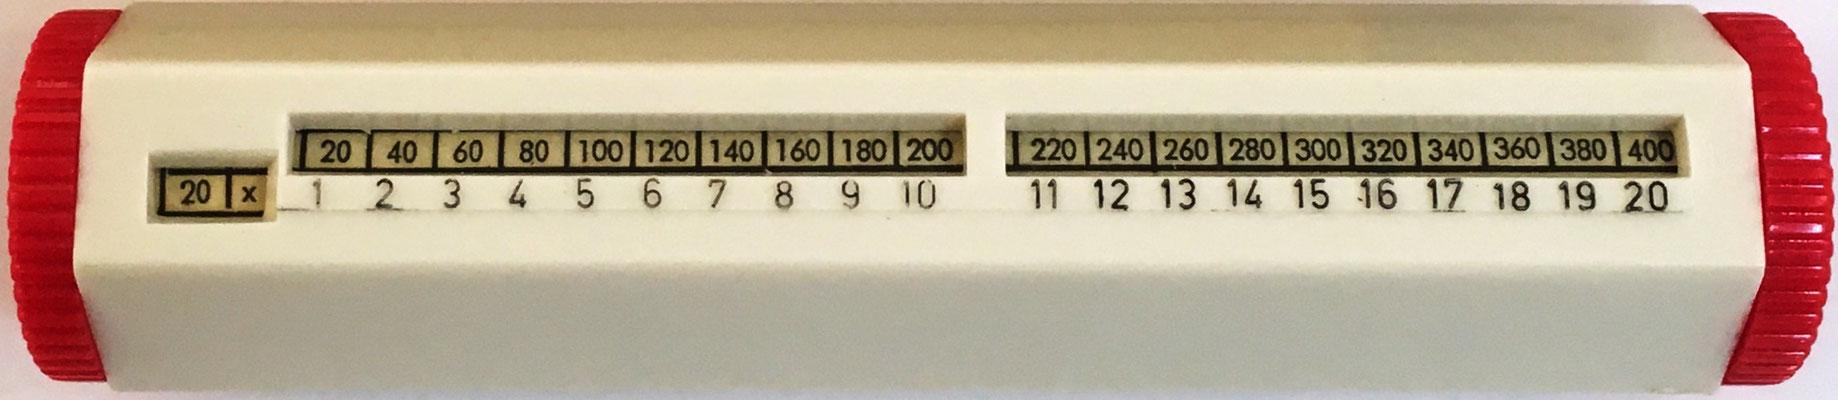 Cilindro multiplicador marca RERO 1x1, calcula productos hasta 20x20, fabricado por Artamount Inc., New york (USA), hacia 1950, 13x2.5x2.5 cm